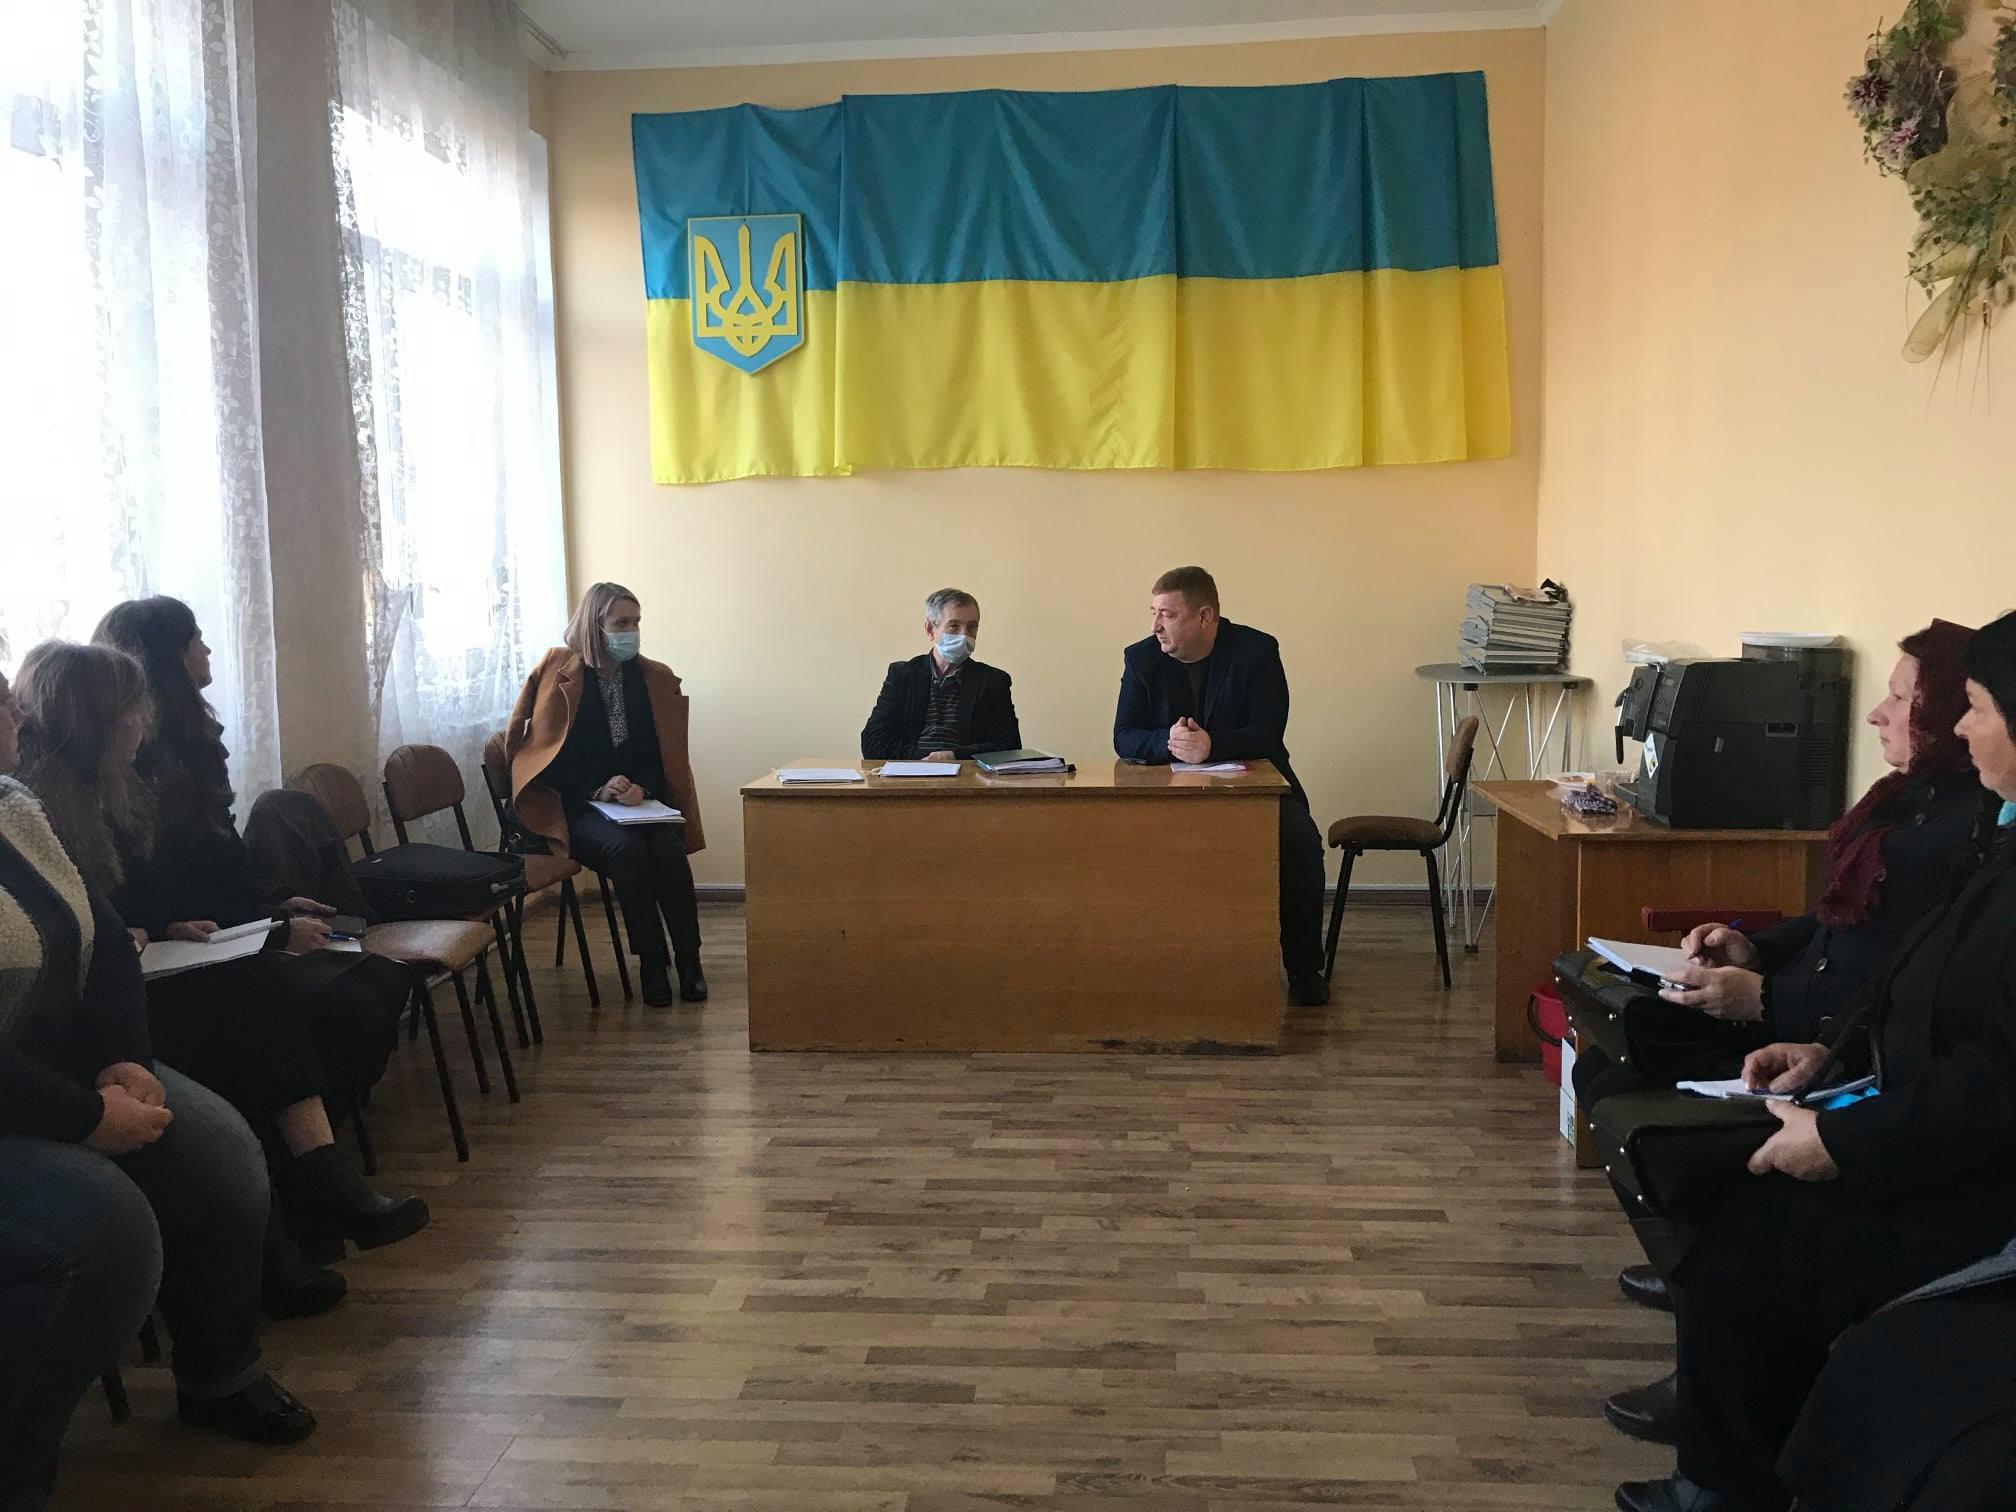 Міжгірська, Пилипецька, Синевирська та Колочавська територіальні громади отримали фахові консультації